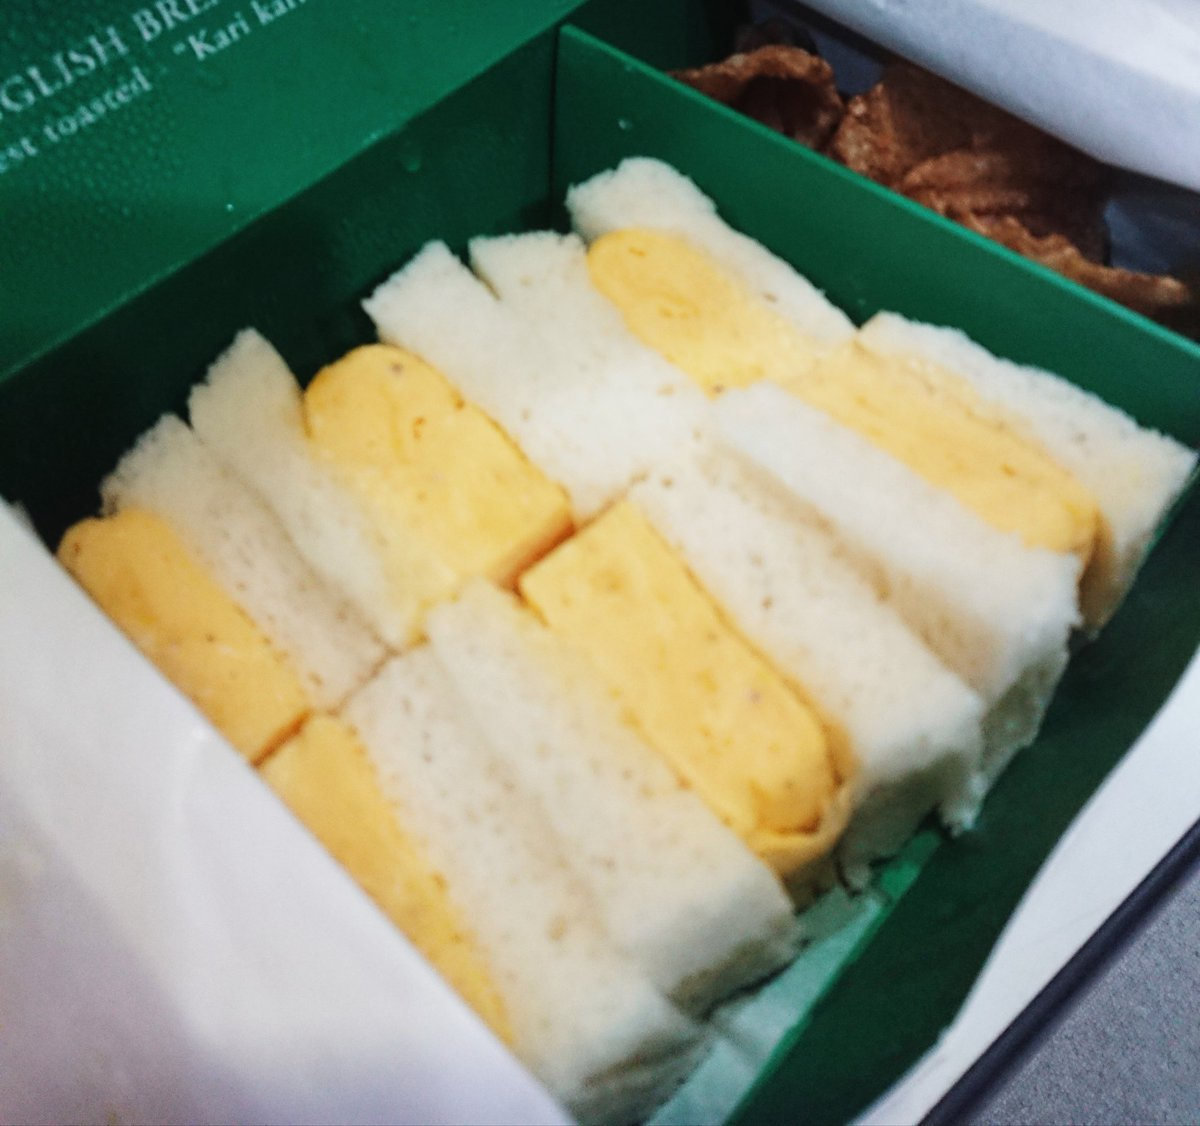 【スタッフ日記】先日の雑誌でコヤシゲさんのクリームパン&クロックムッシュ愛が公開されましたが、シゲさんは玉子サンド愛もあると思ってます!沢山のパン屋さん情報ありがとうございます。毎回違うパン屋さんを選んでいるので参考にしております✨ジャムおばより。#NEWSな2人 #コヤシゲ #tbs